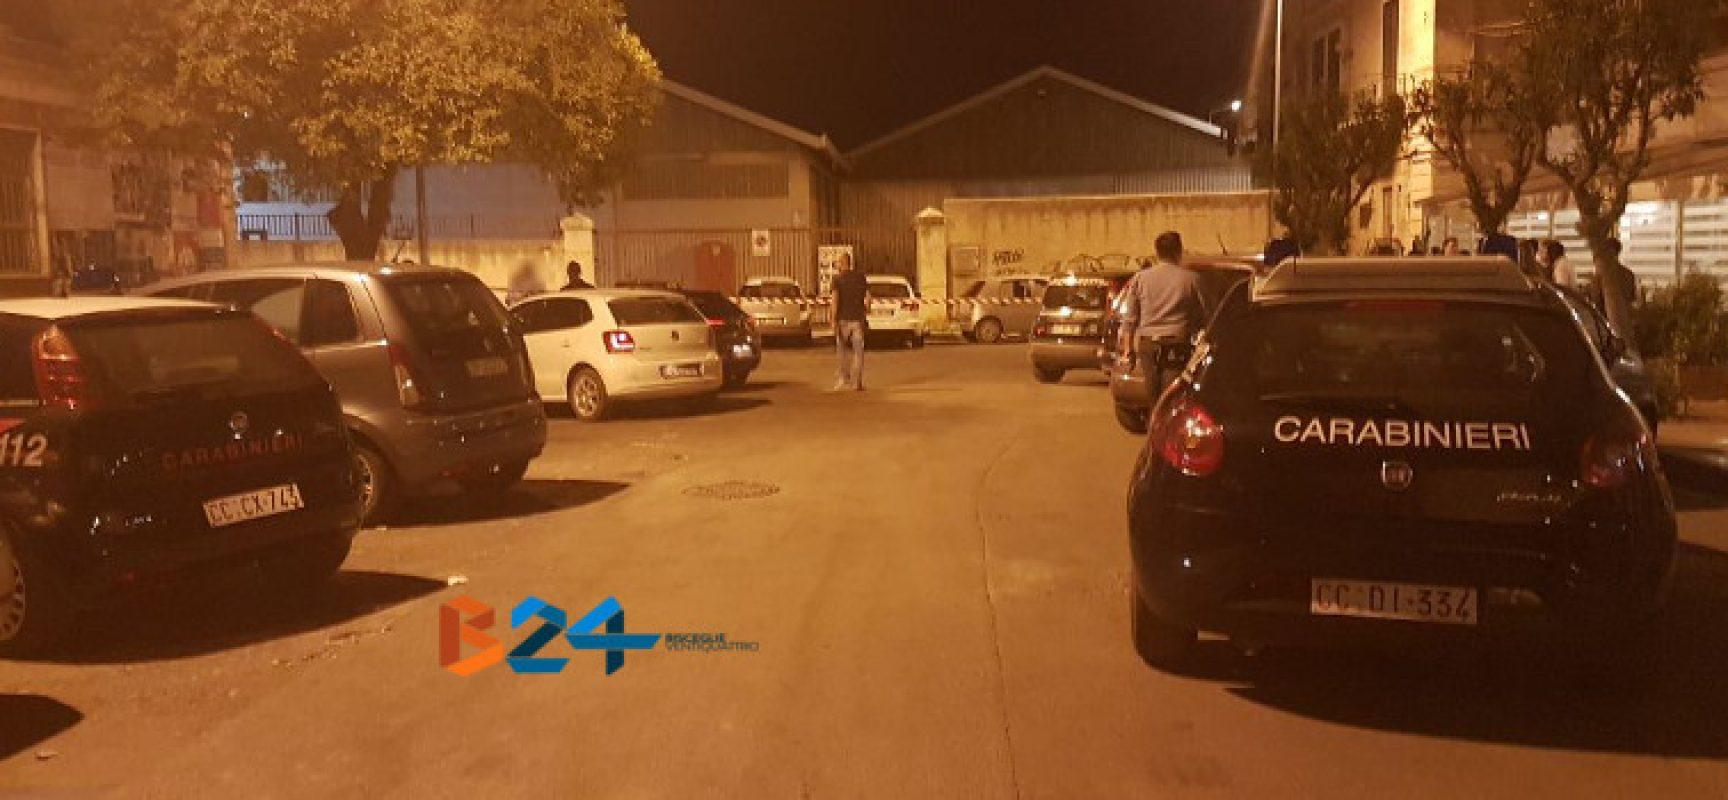 Agguato nella notte in pieno centro: 25enne biscegliese in fin di vita